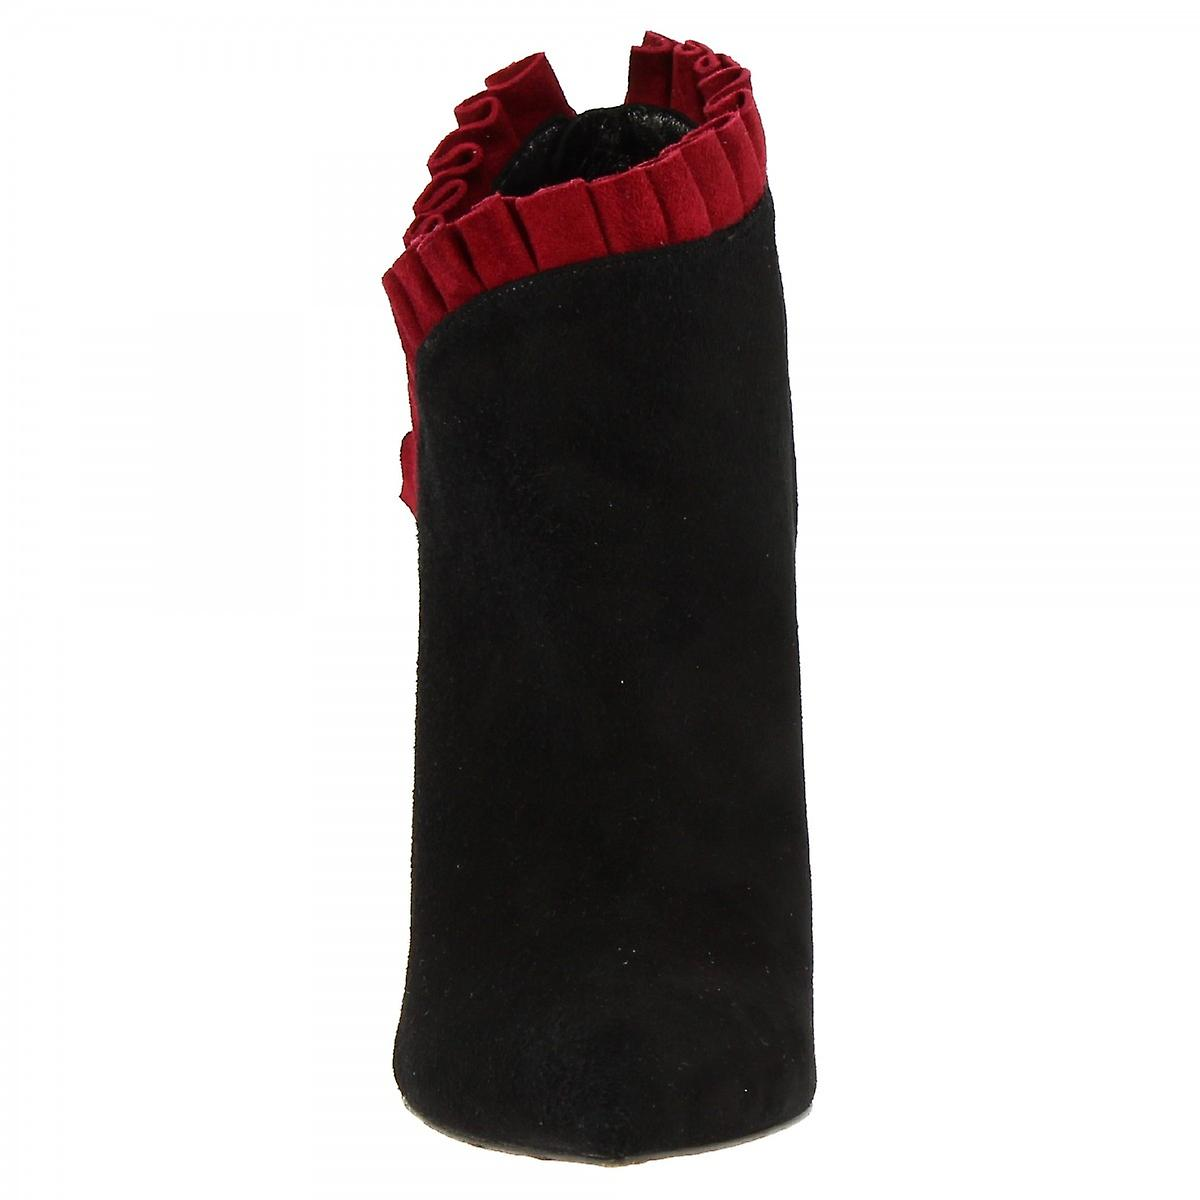 Chaussures De Cheville À Talons Hauts Faites La Main Pour Femmes En Cuir Daim Noir Avec Volant Rouge